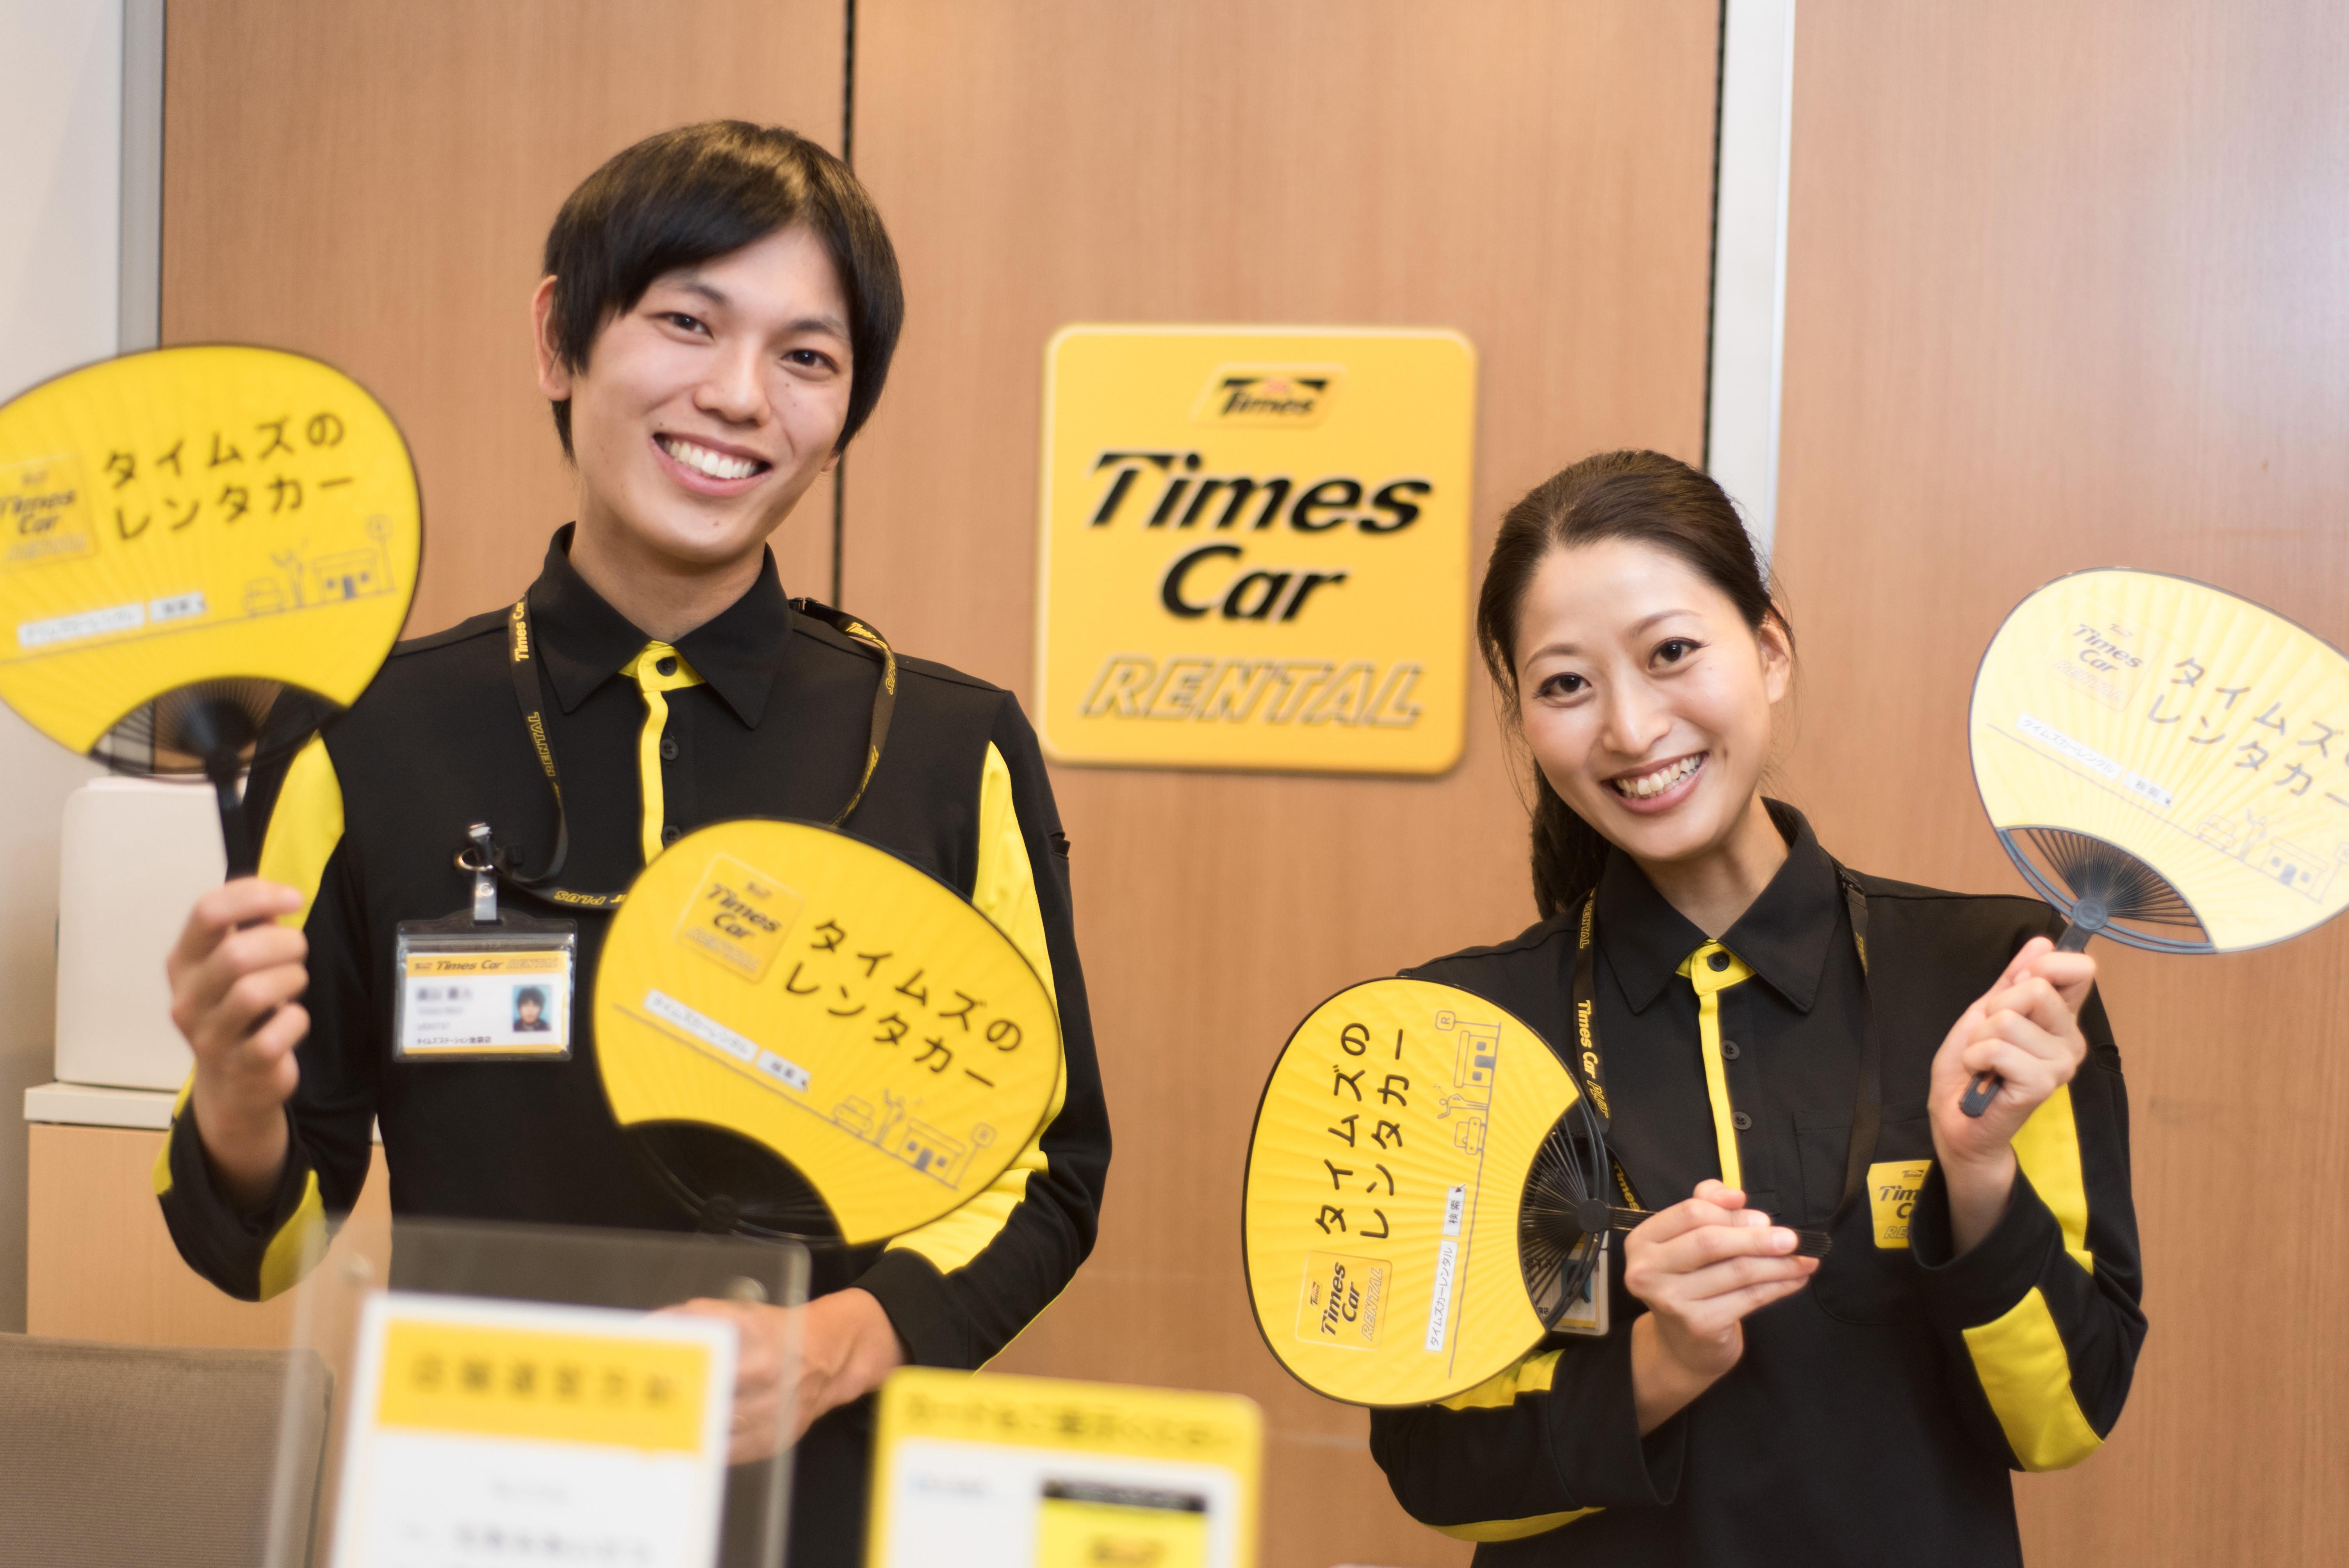 タイムズカーレンタル 広島駅前大橋店 のアルバイト情報